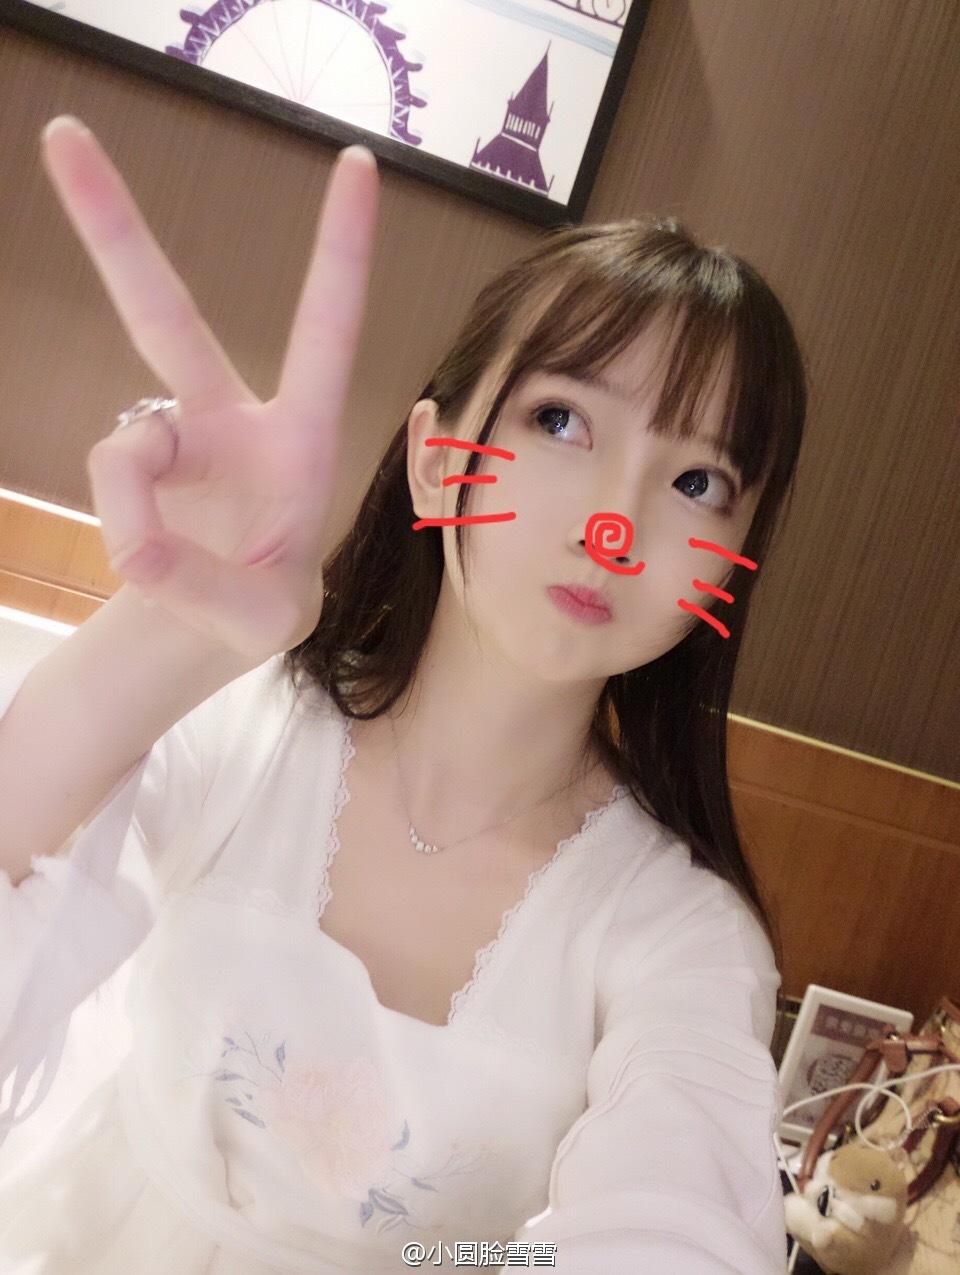 【常小歌】小圆脸雪雪//wuli雪雪真是太可爱